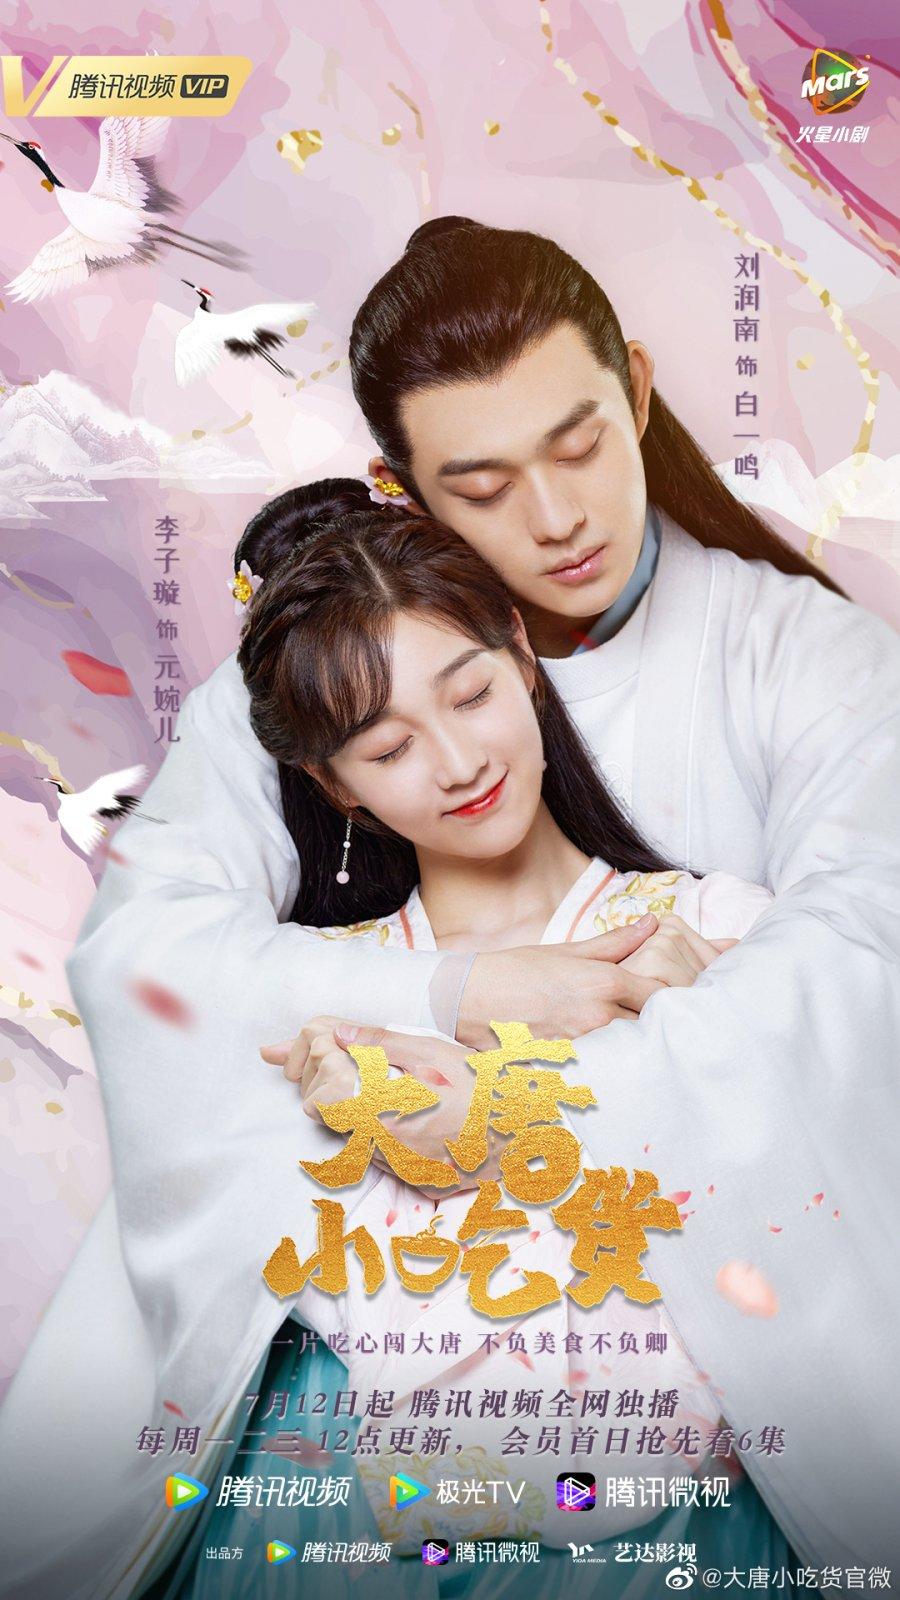 j1B3y 4f - Гурман династии Тан ✦ 2021 ✦ Китай